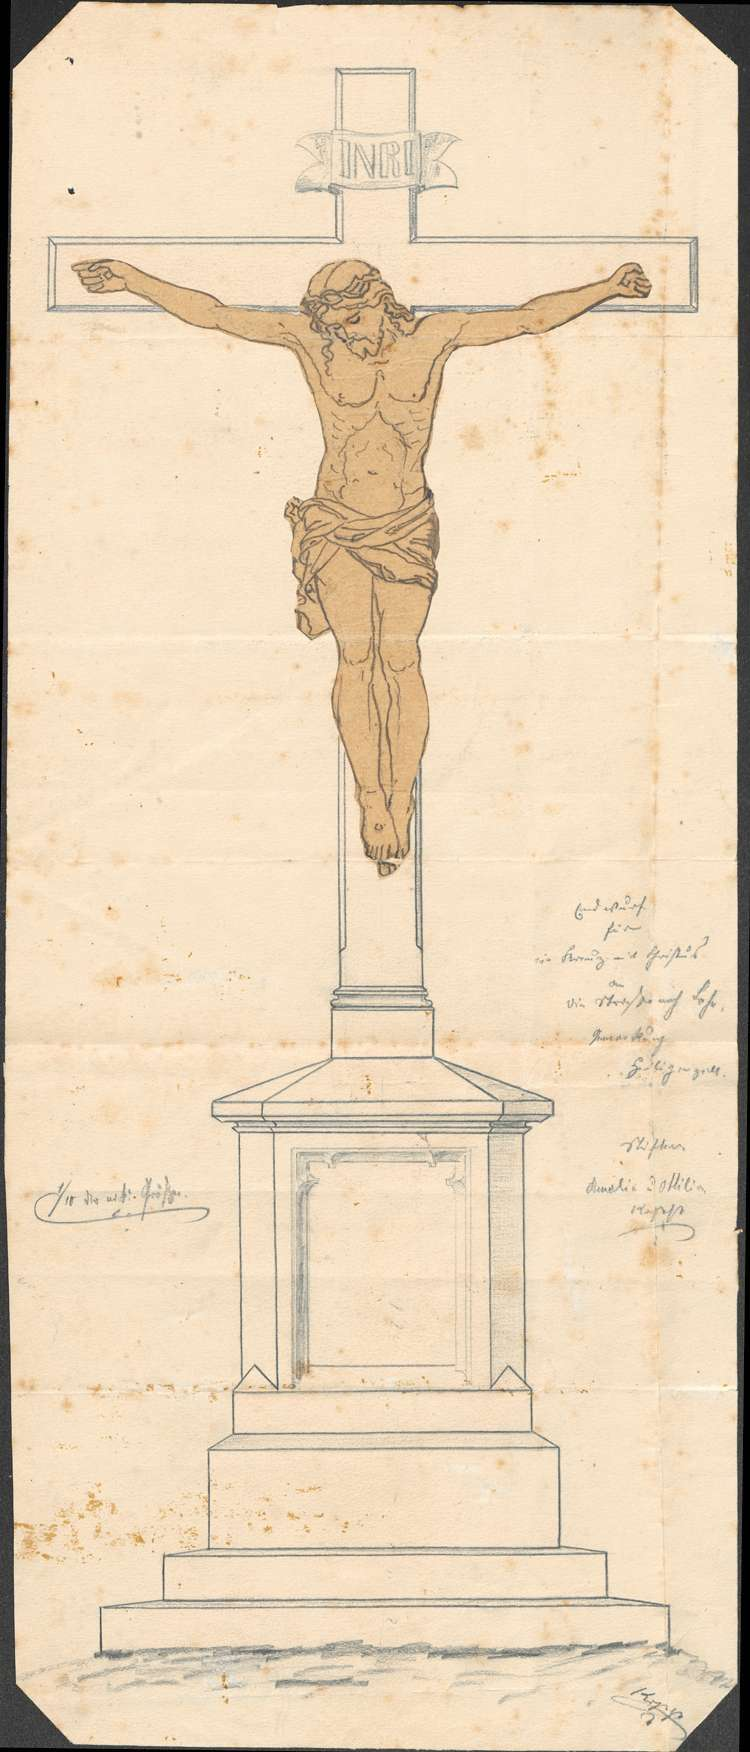 Gesuch der Ottilia Kopp und der Amalie Kopp in Heiligenzell um Erlaubnis zur Errichtung eines Kreuzes mit Christusbild am Lahrer Weg, Bild 1